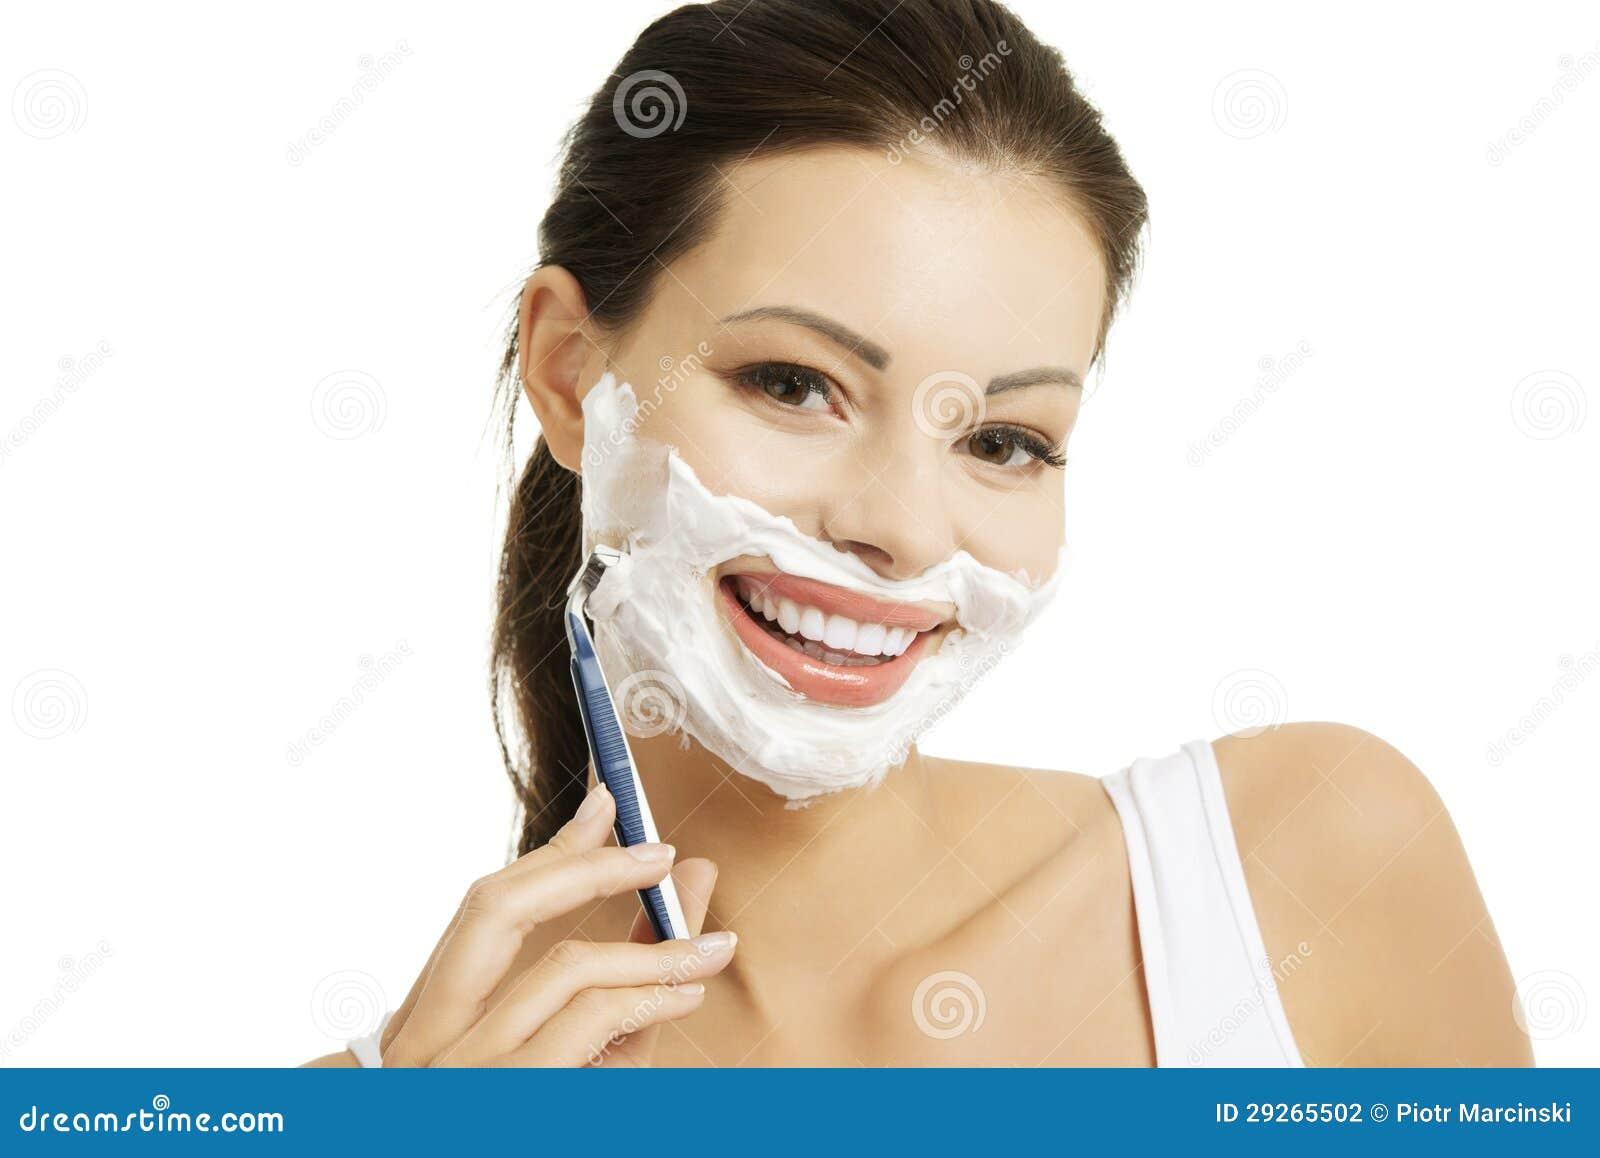 belle femme rasant son visage avec un rasoir photographie. Black Bedroom Furniture Sets. Home Design Ideas